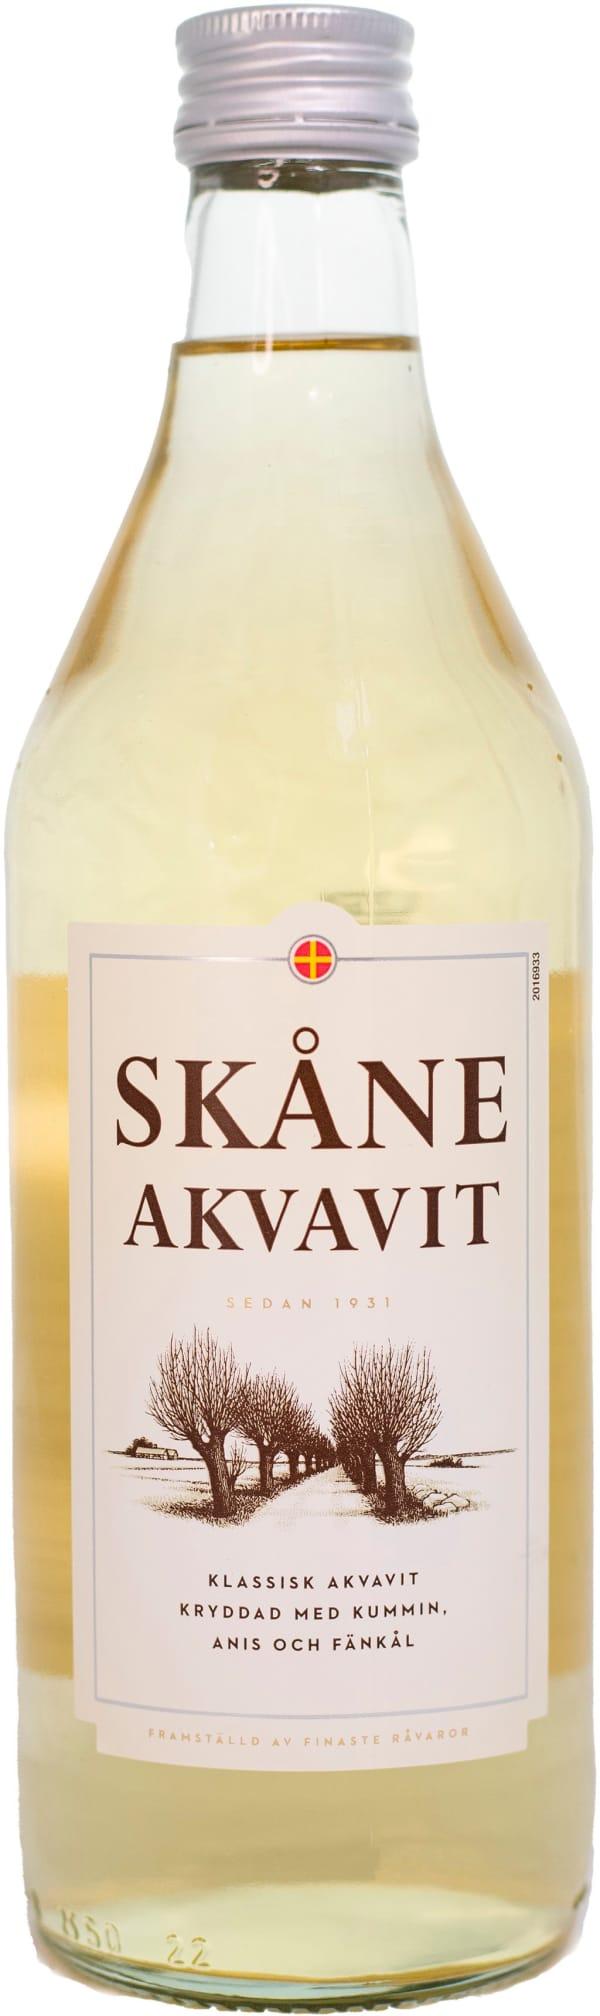 Skåne Akvavit